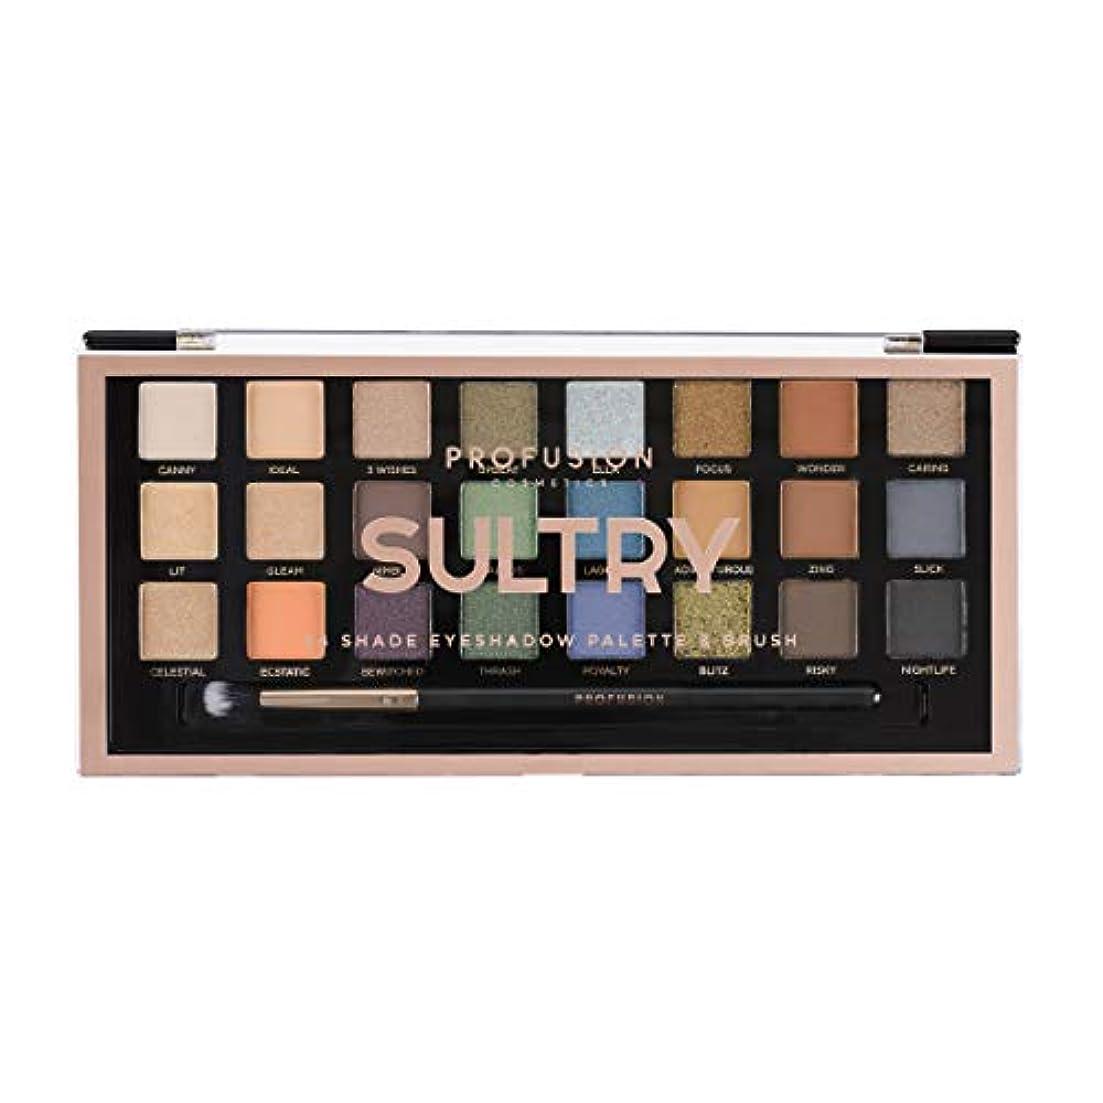 委任郵便局見えないPROFUSION Sultry 24 Shade Eyeshadow Palette & Brush (並行輸入品)